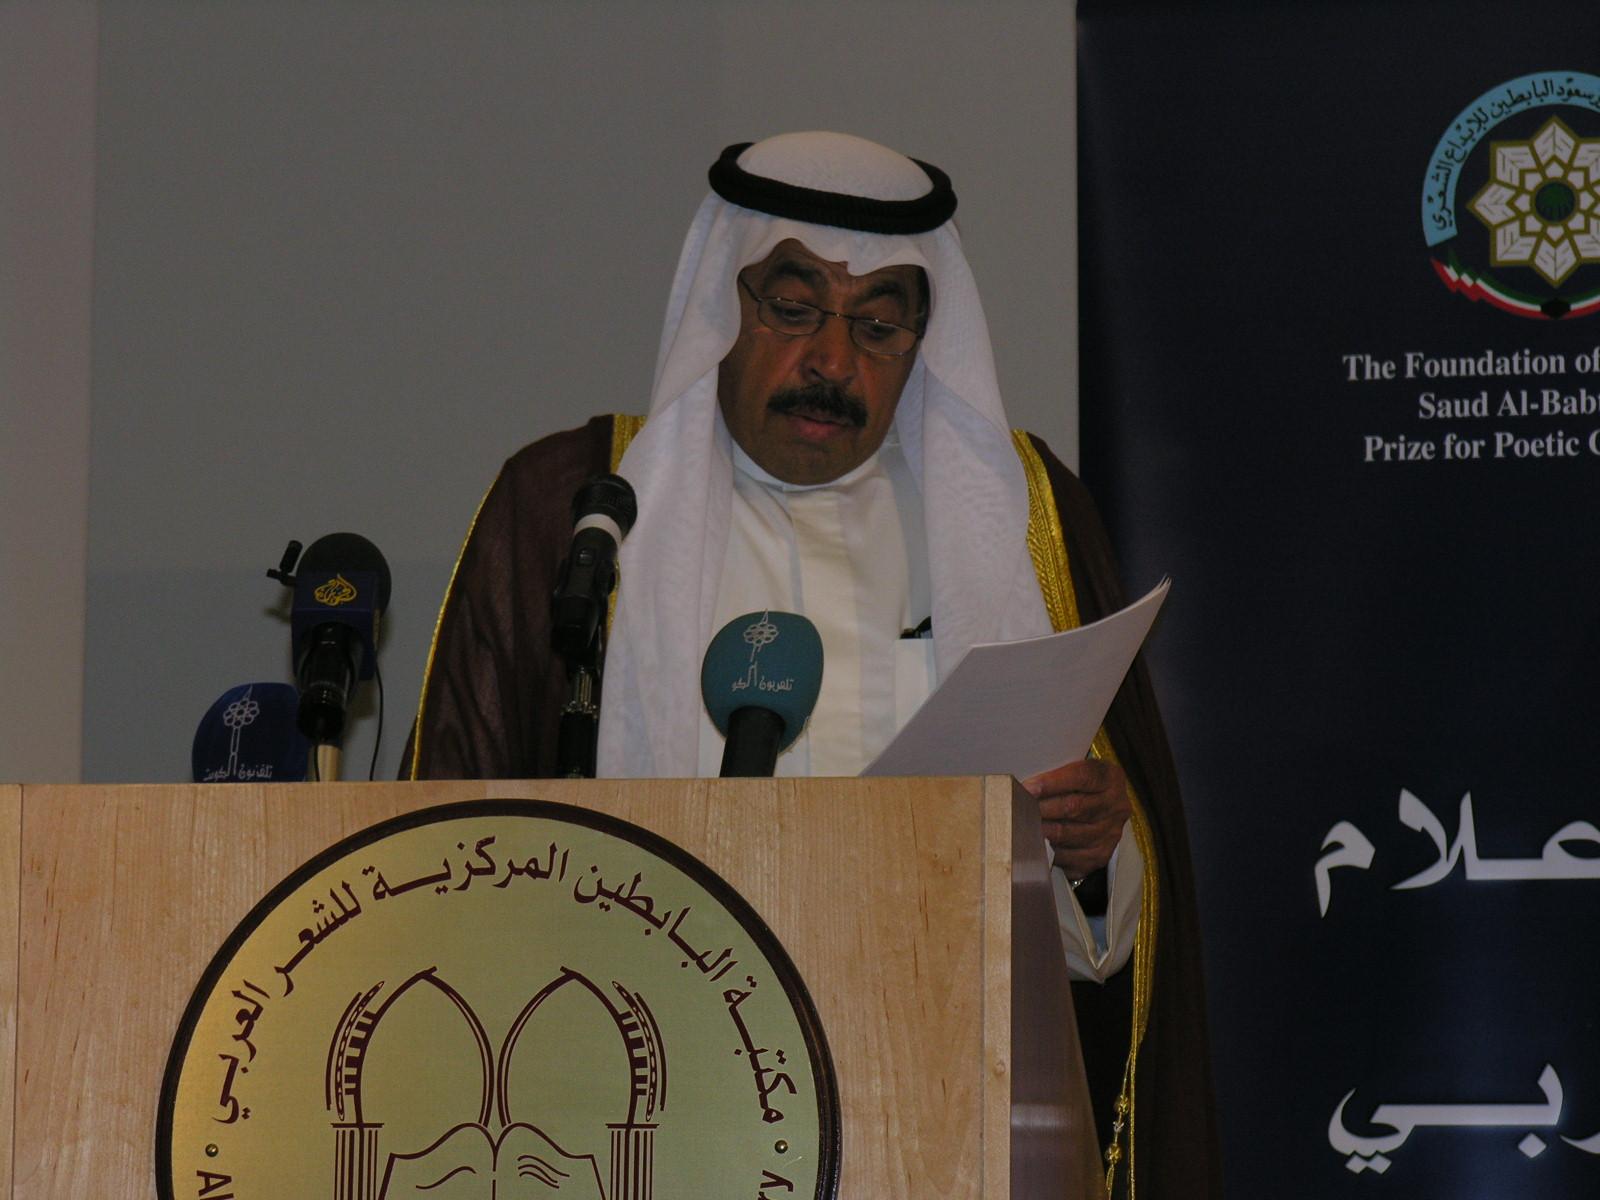 Kuveyt yabancı yatırımcıya kollarını açtı, kanun değiştirdi